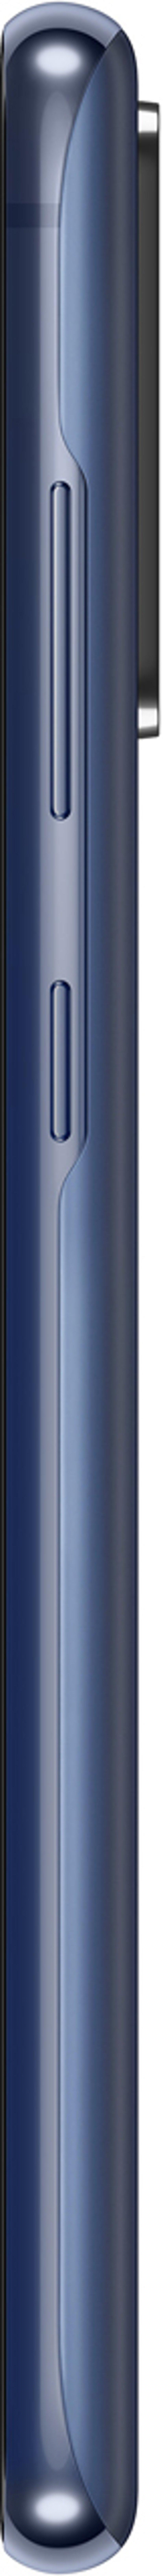 Samsung Galaxy S20 FE 5G 128GB 128GB Dual-SIM Wolkmarine